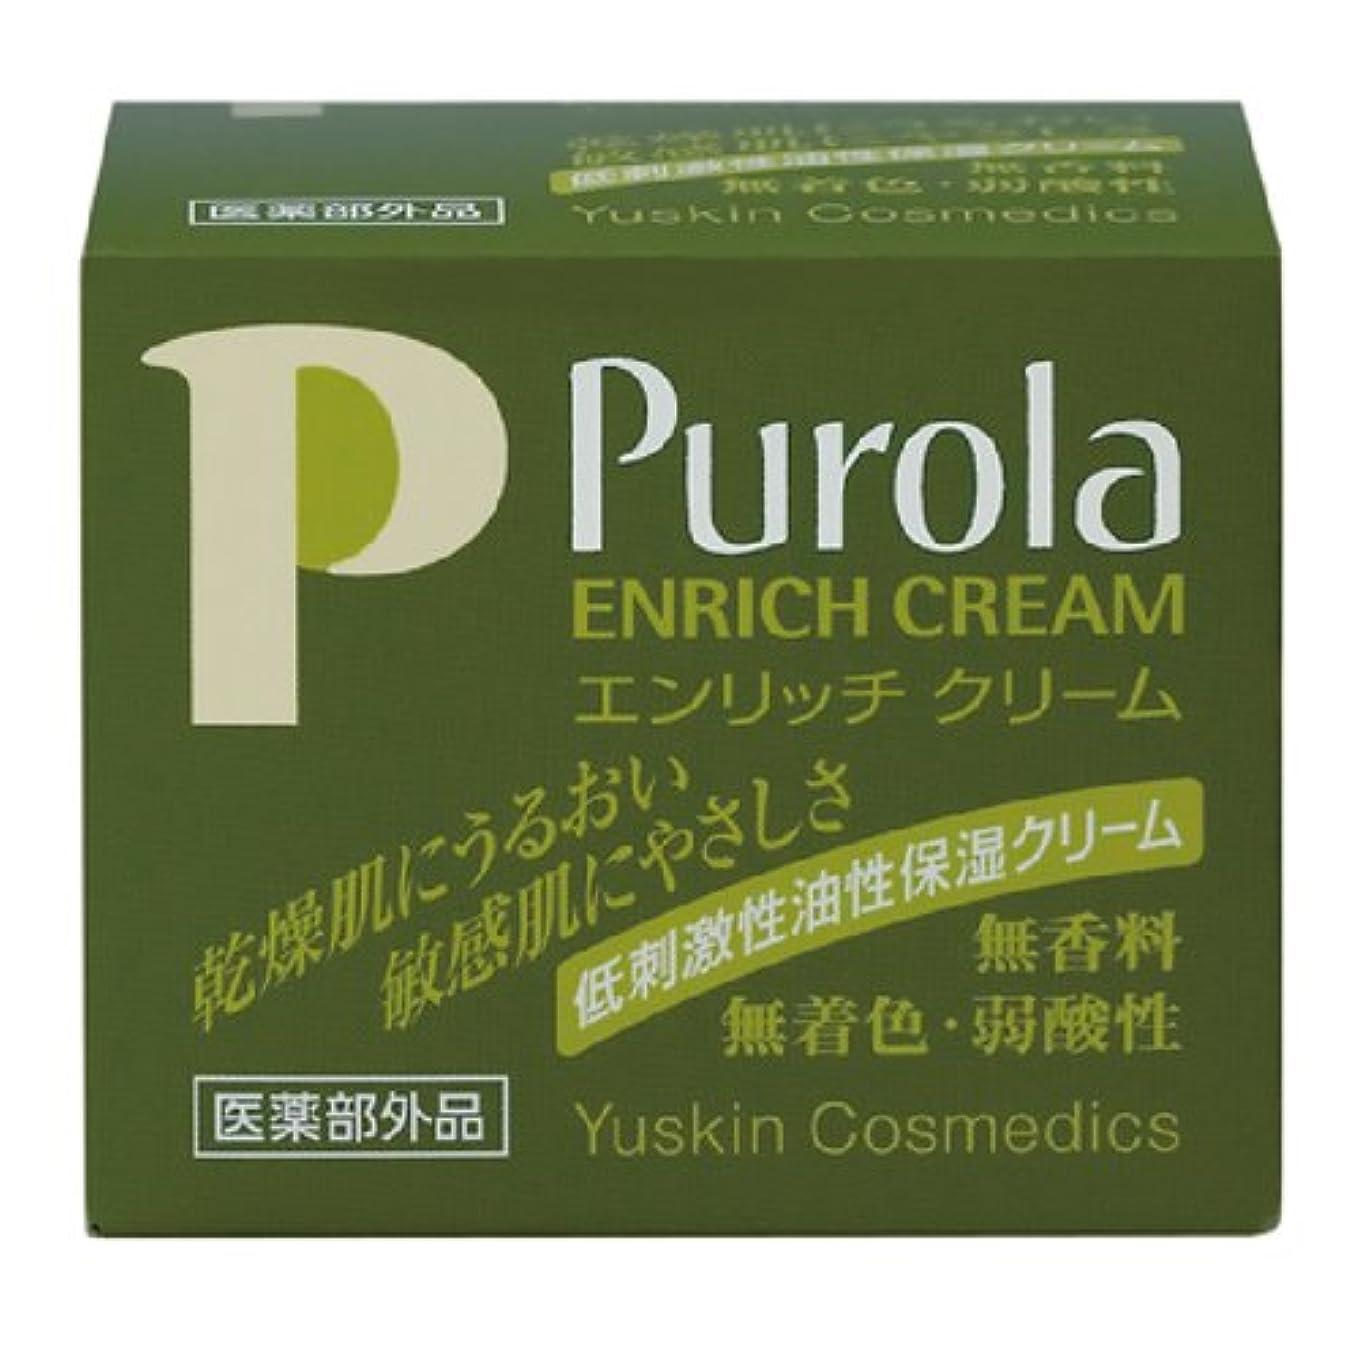 不十分な空白フィットプローラ 薬用エンリッチクリームa 67g